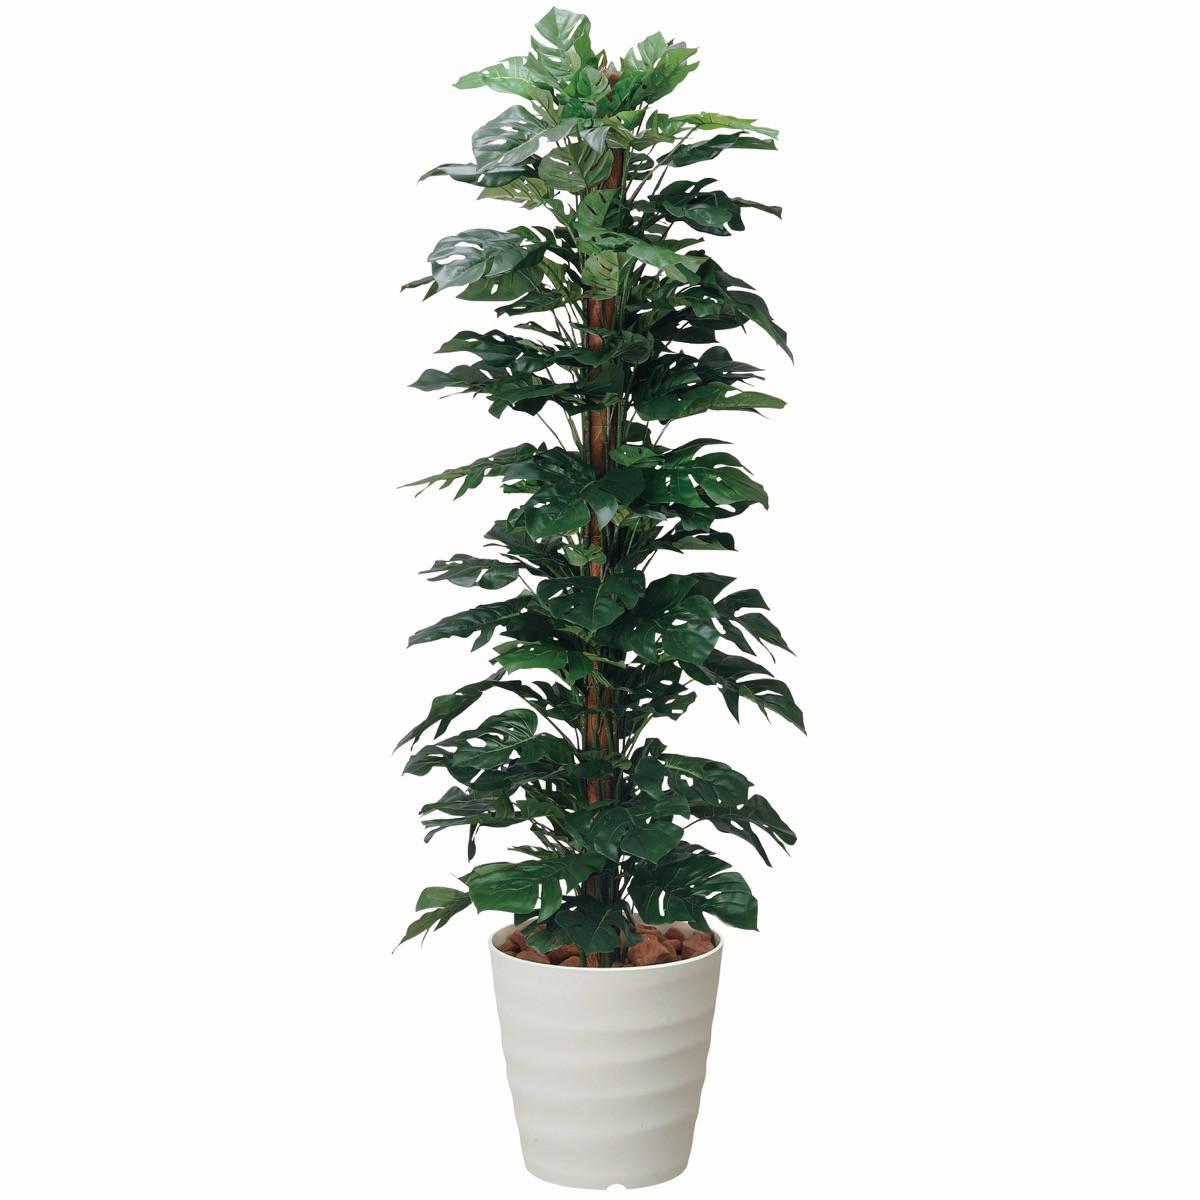 人工観葉植物 フェイクグリーン 観葉植物 造花 スプリットフィロ 180cm 鉢植 光触媒 インテリア おしゃれ フェイク グリーン